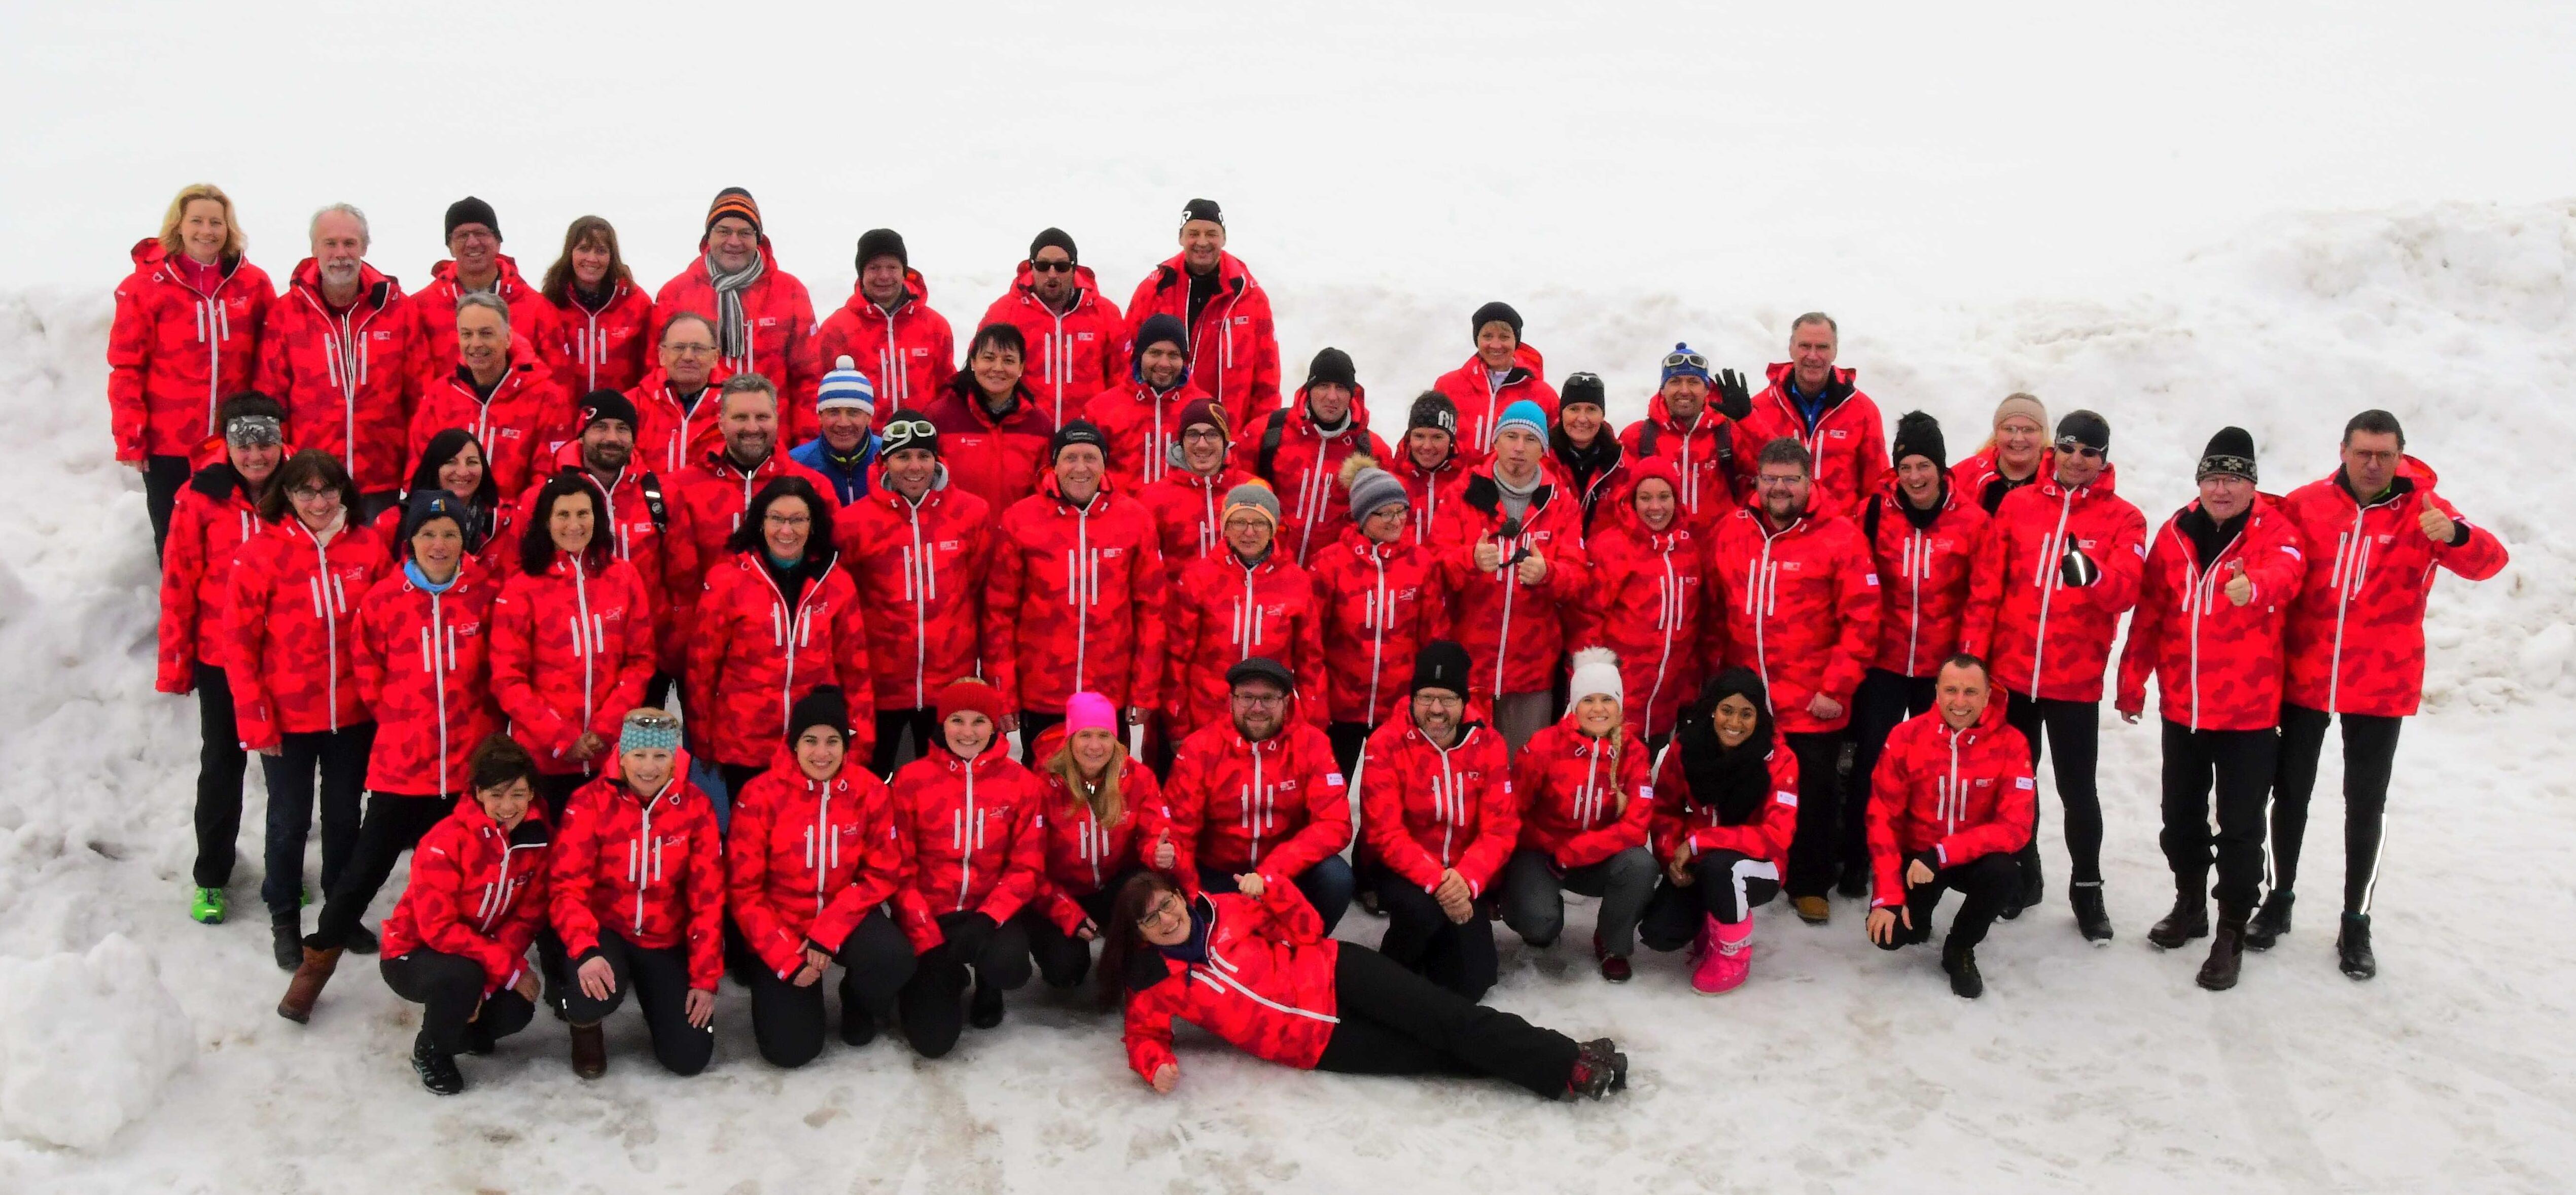 In ihren einheitlichen roten Jacken machten die Läufer und Helfer der Sparkasse Allgäu eine gute Figur